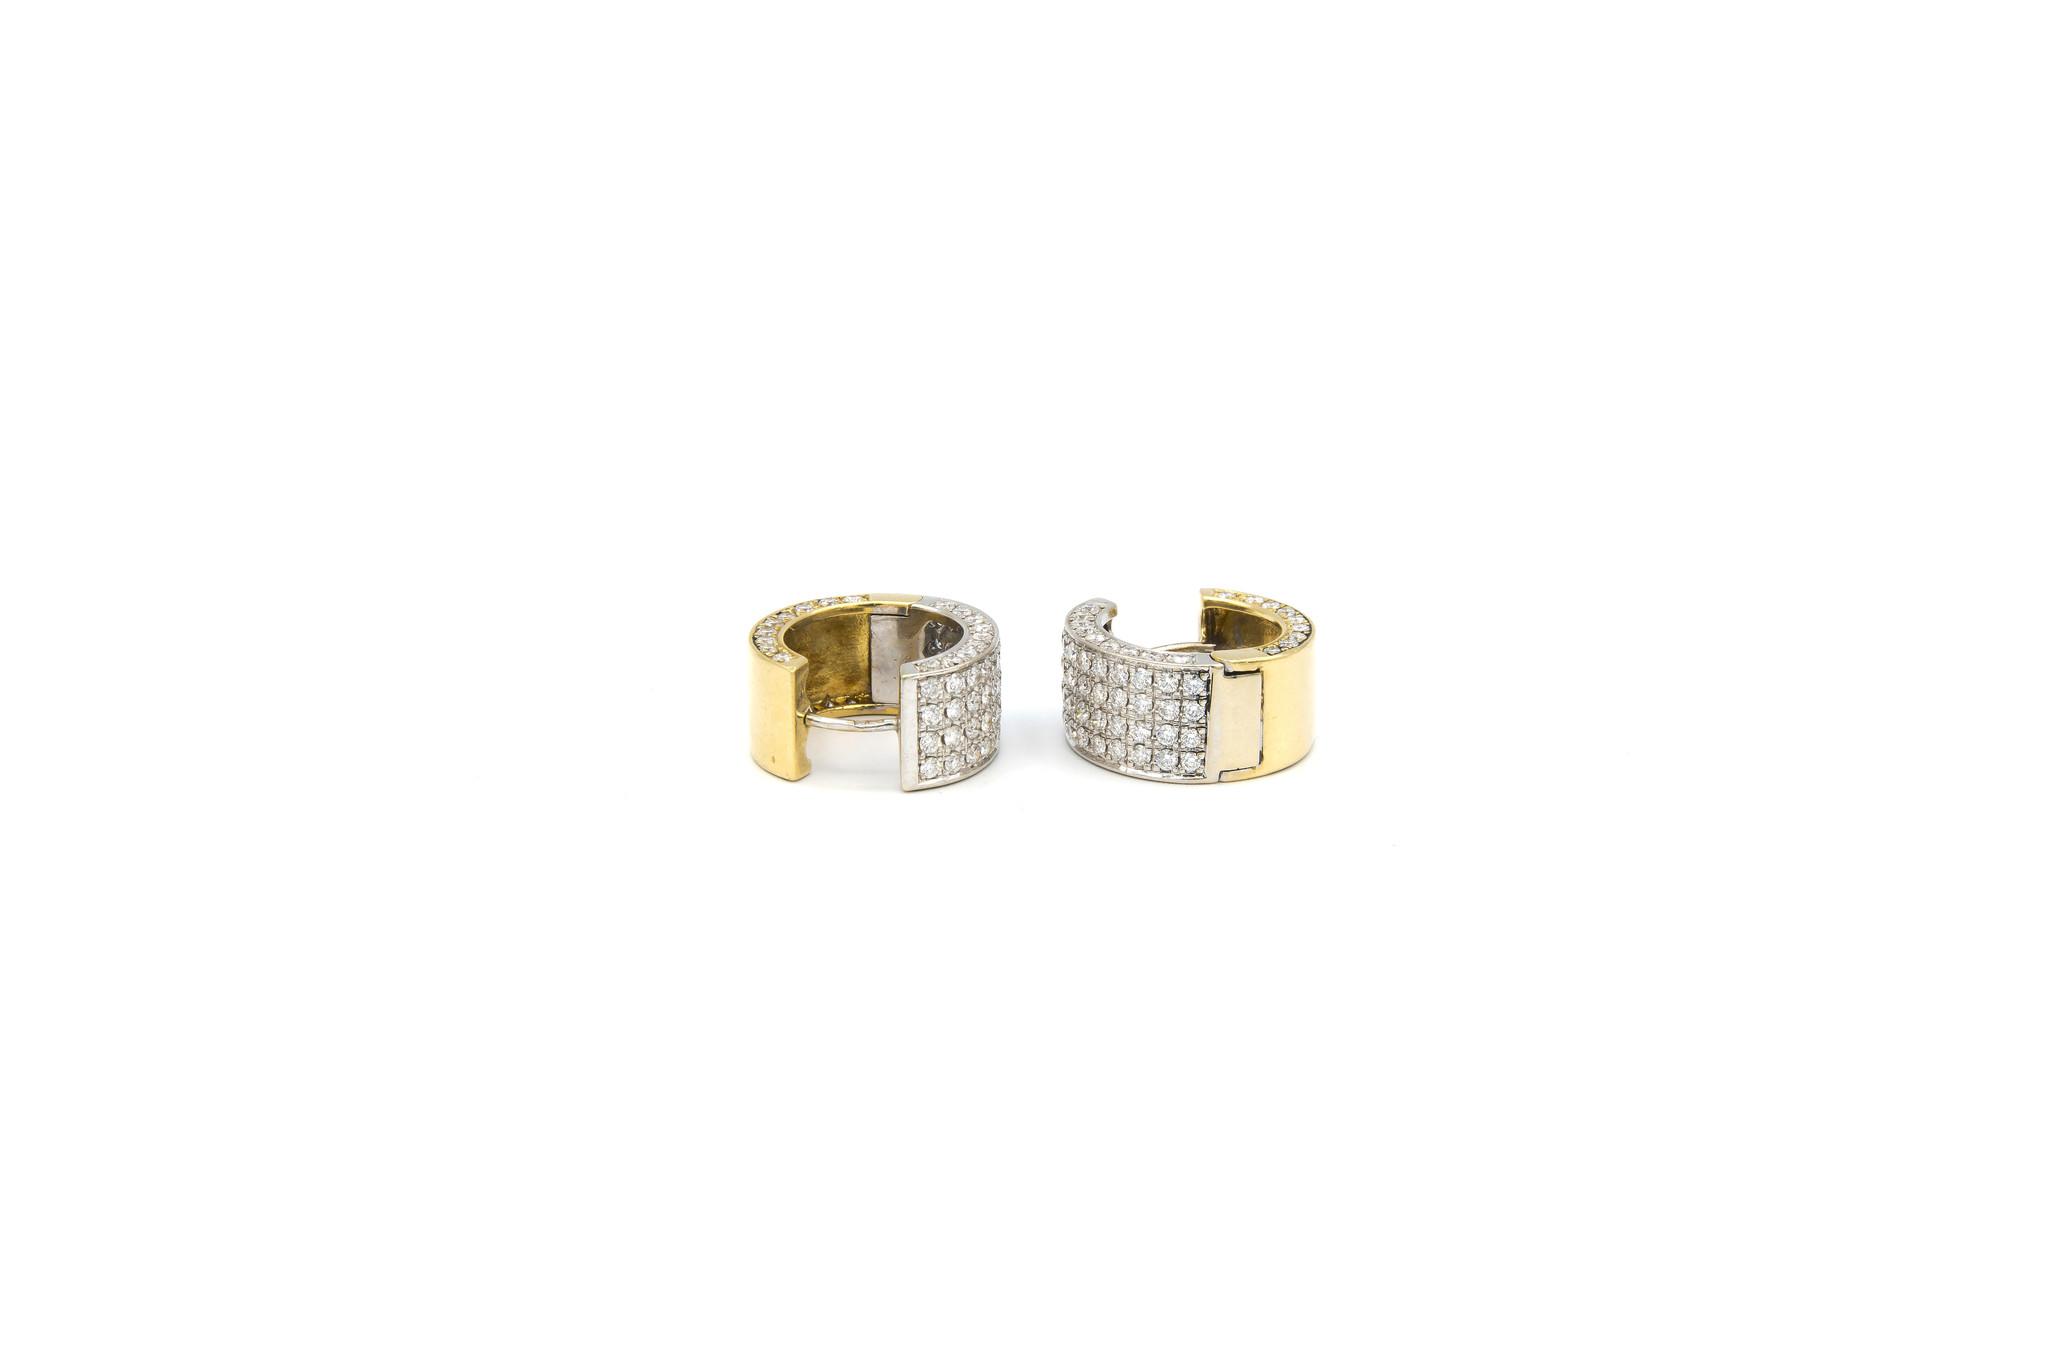 Oorbellen bicolor creolen met in totaal 160 diamantjes-1